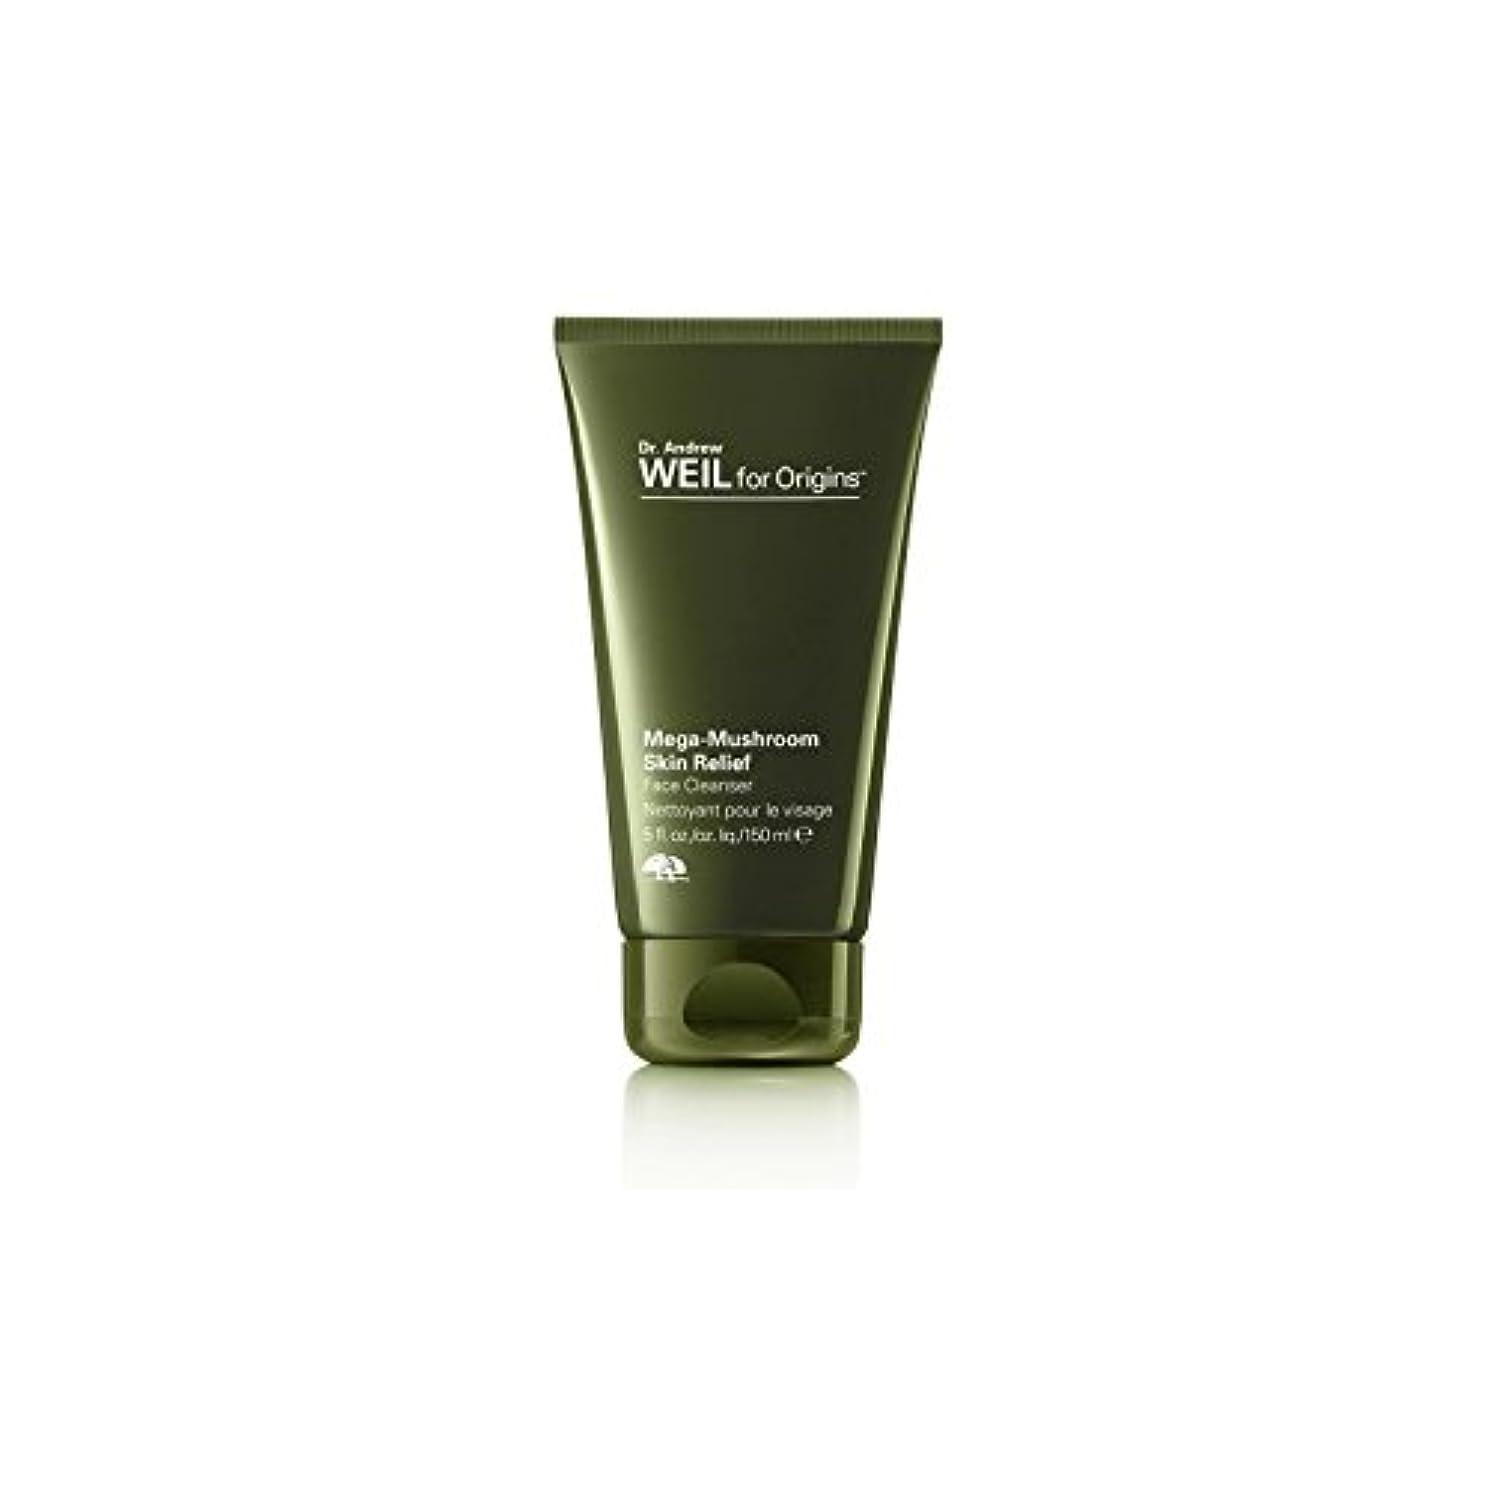 資源革新覚醒起源アンドルー?ワイル起源メガキノコ皮膚救済顔クレンザー150ミリリットルのために x4 - Origins Dr. Andrew Weil For Origins Mega-Mushroom Skin Relief Face...